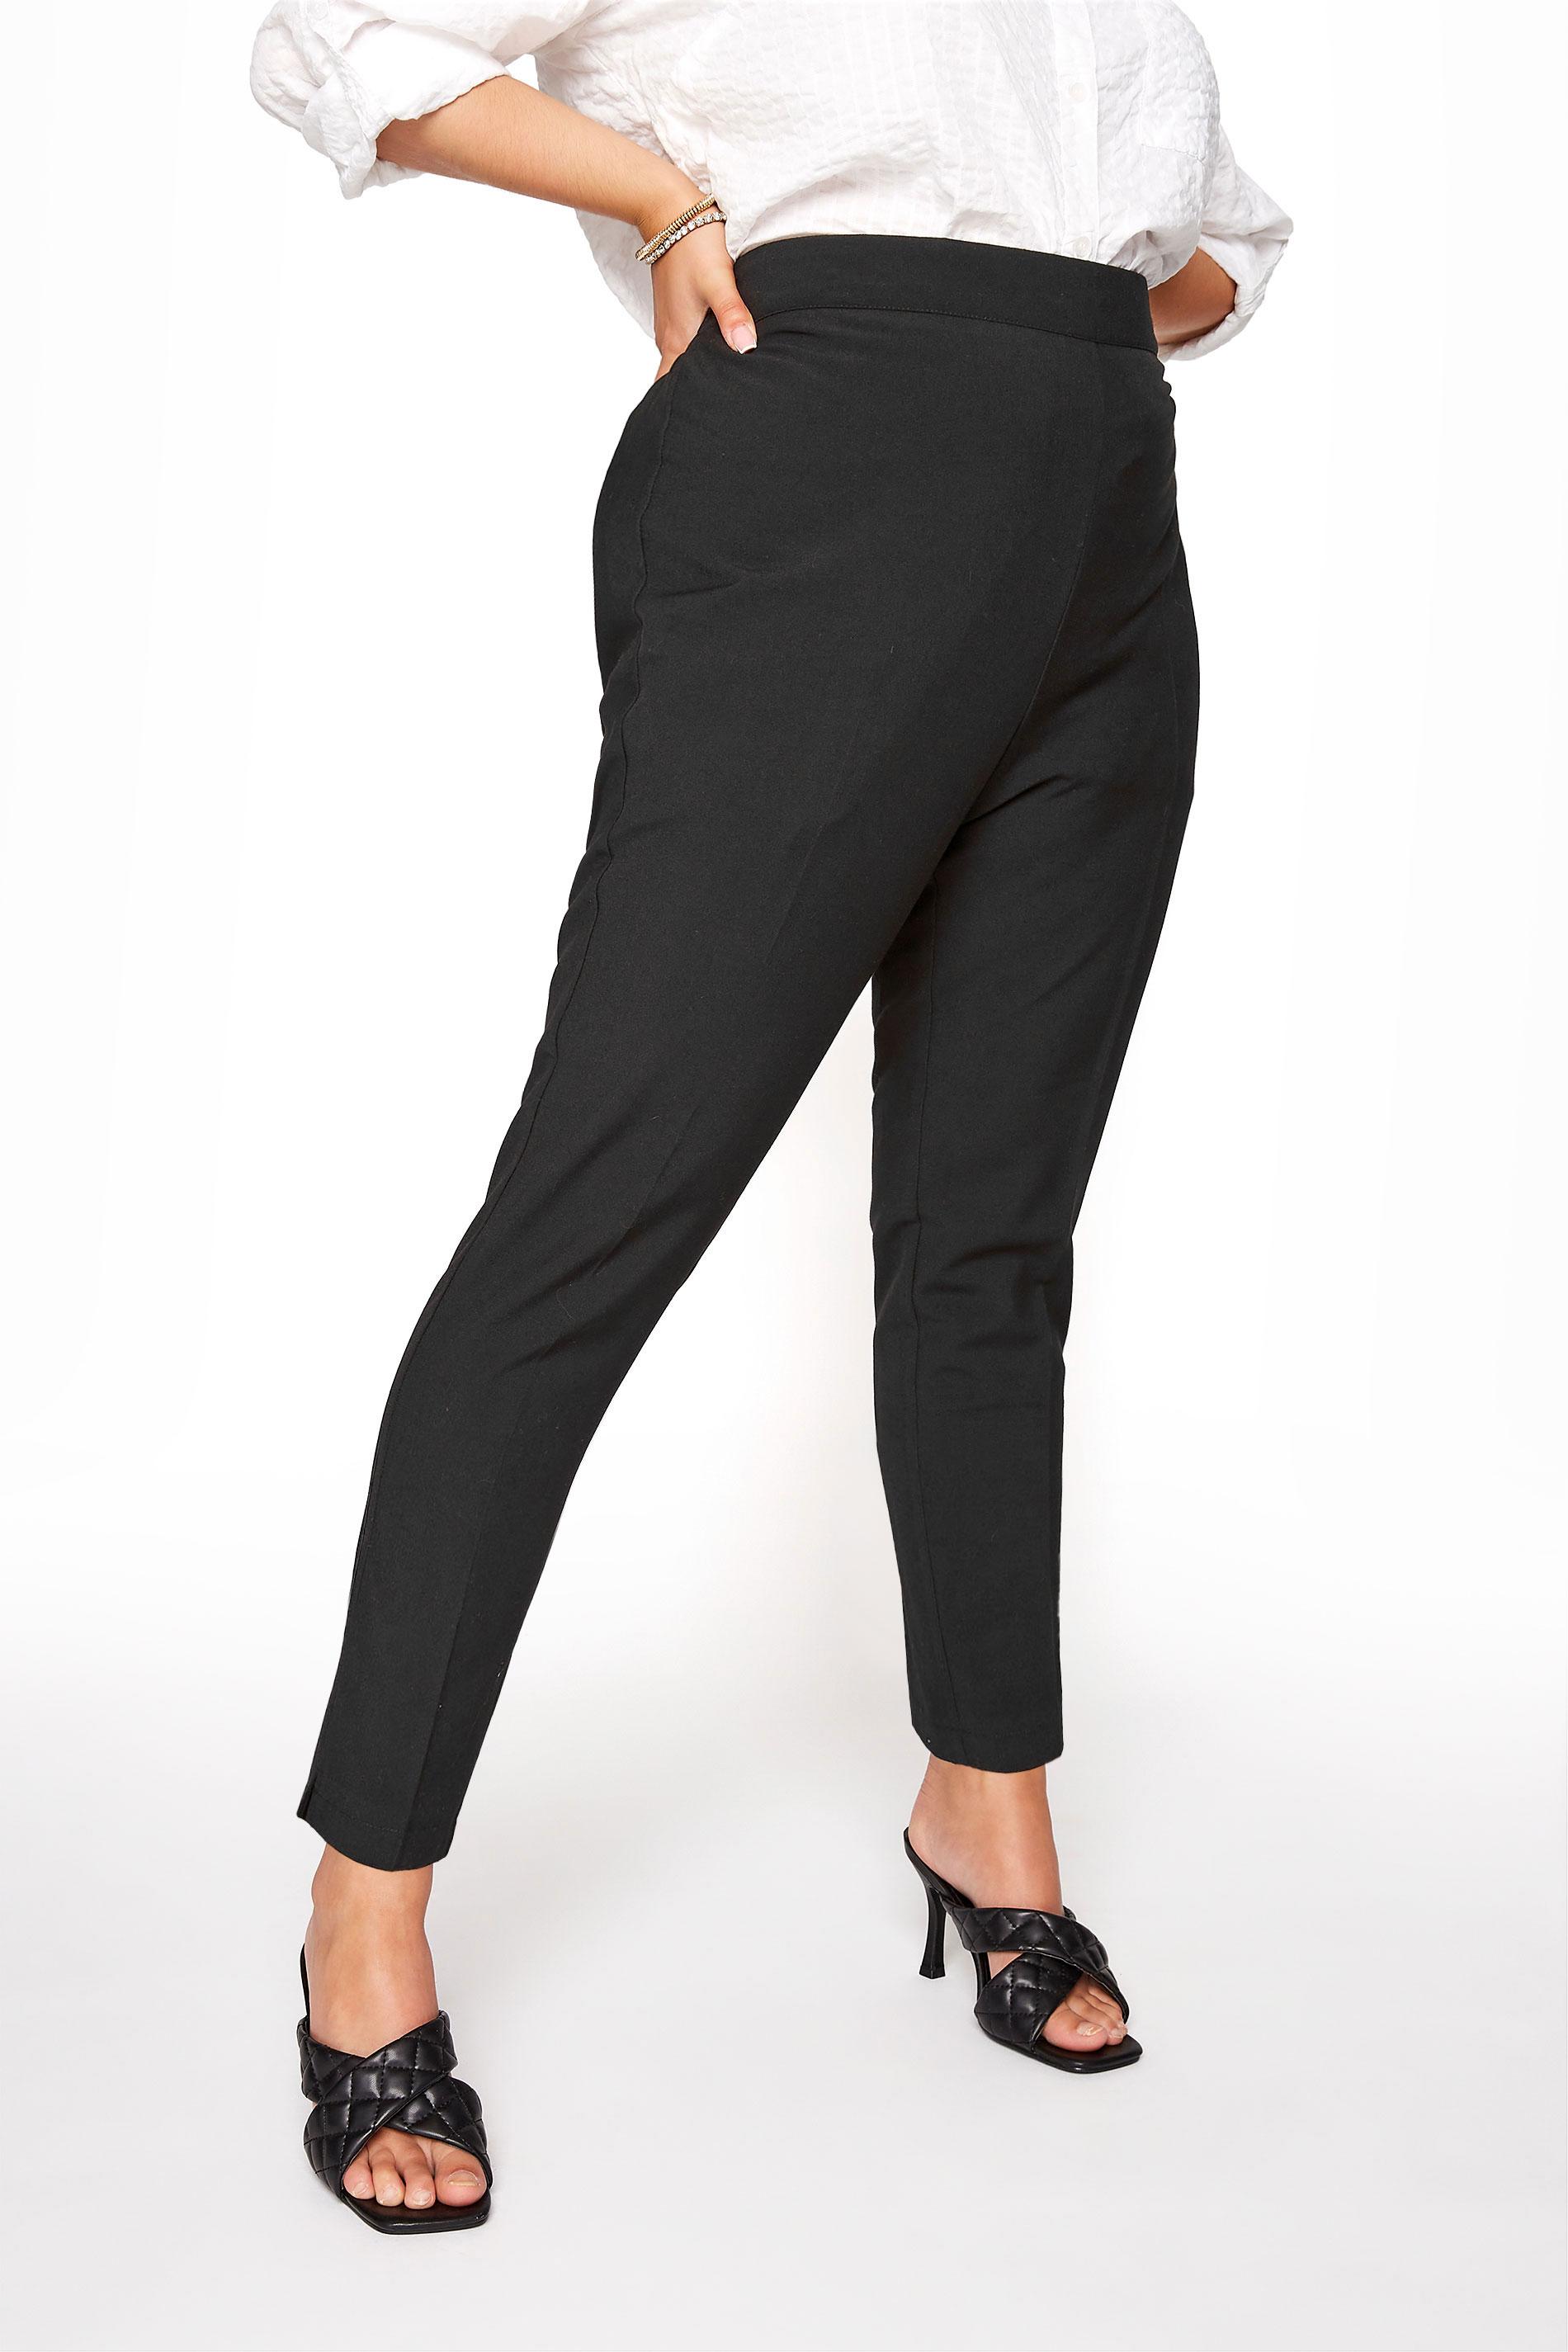 Black Tapered Trouser_B.jpg